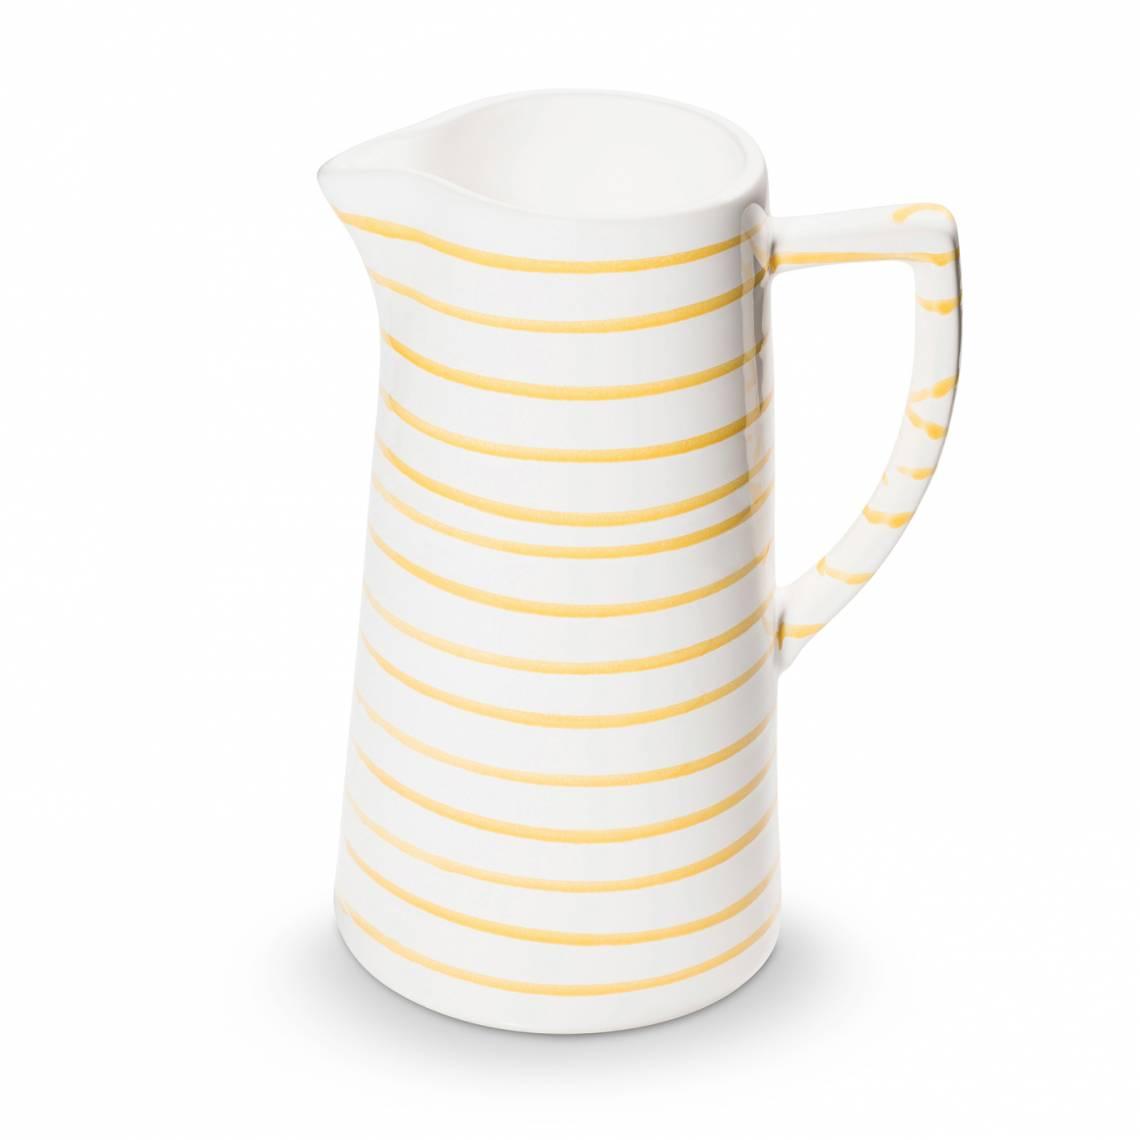 Gmundner Keramik: 'Sommer, Sonne, Sonnenschein', Wasserkrug 0101KRWA10